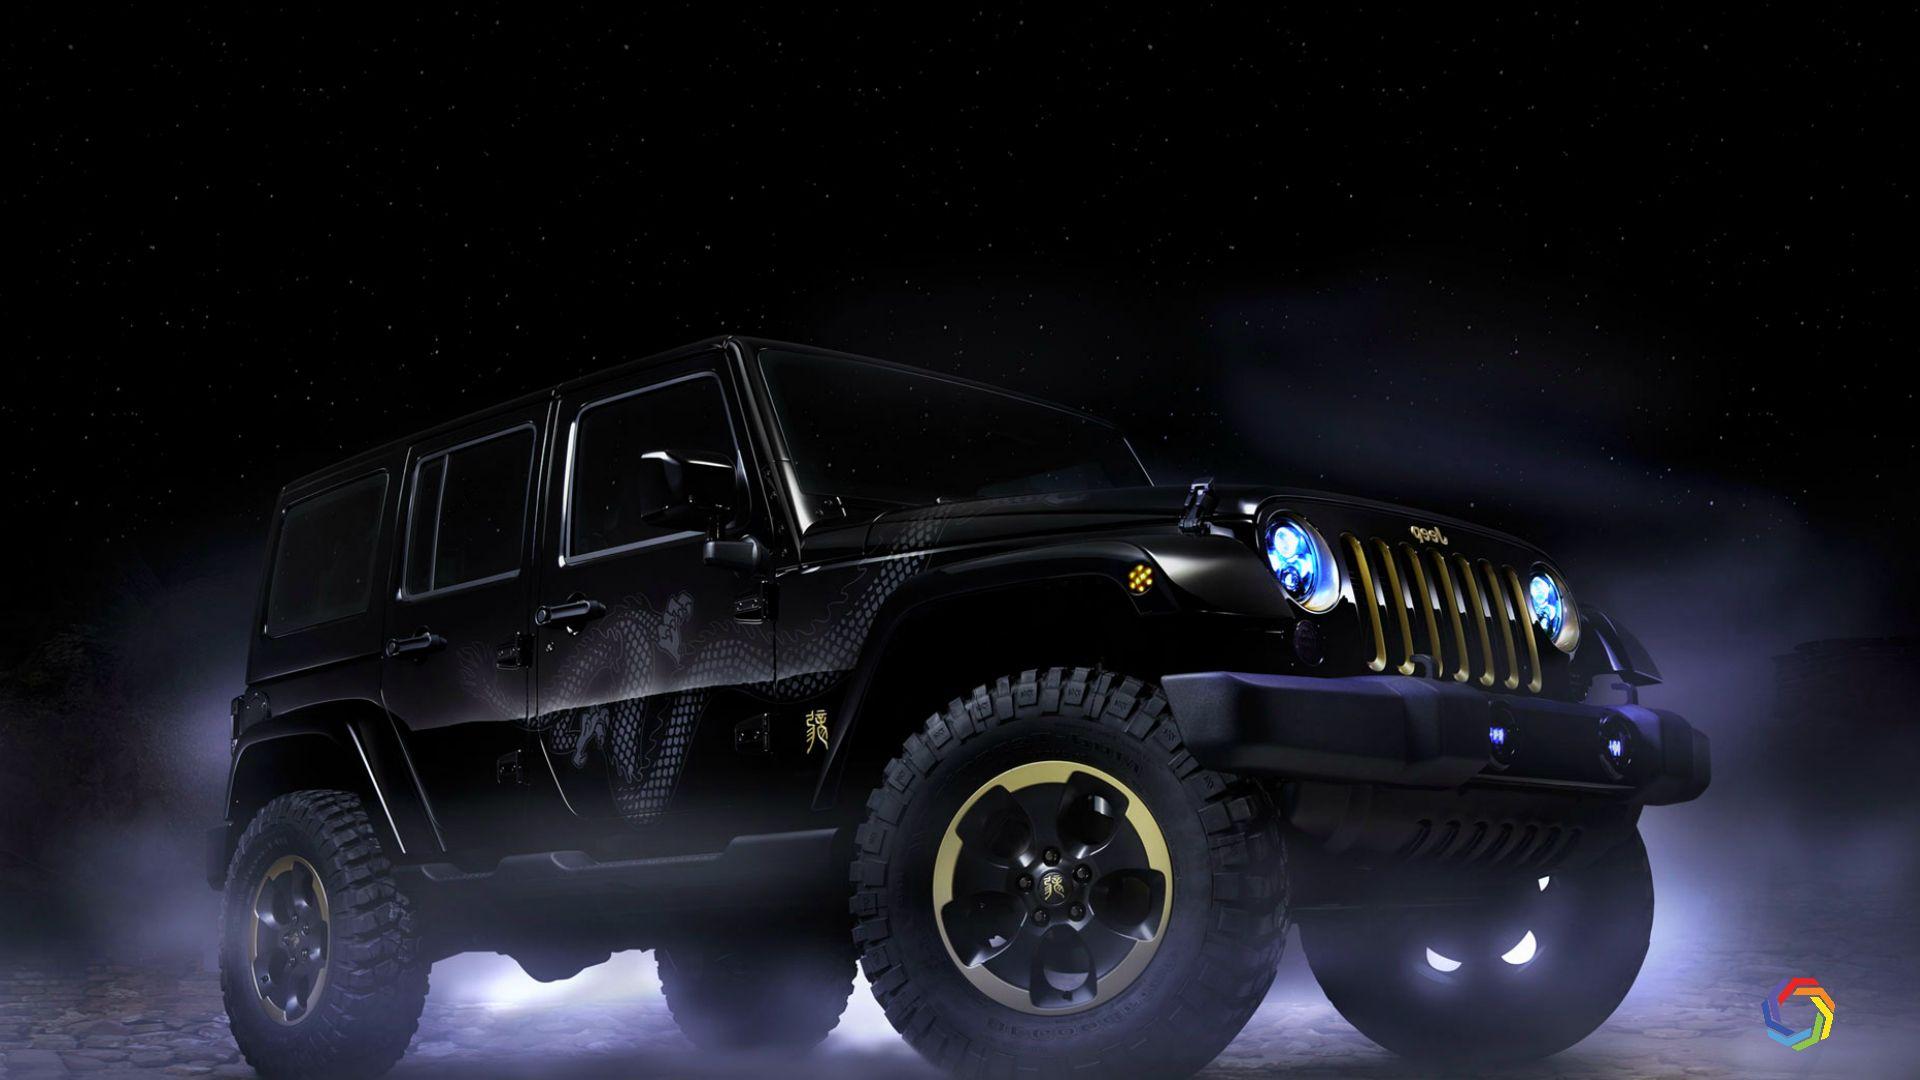 Jeep Wrangler Dragon Design Hd Wallpaper Dragon Design Jeep